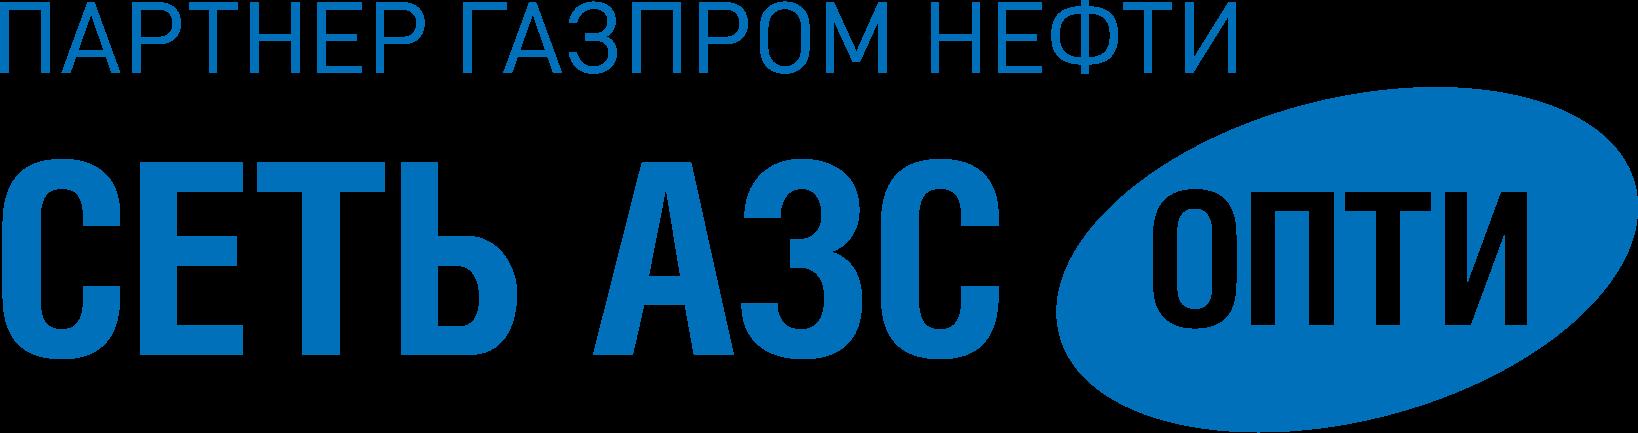 Управление ИТ-инфраструктурой партнера «Газпром нефти» — сети АЗС «ОПТИ»